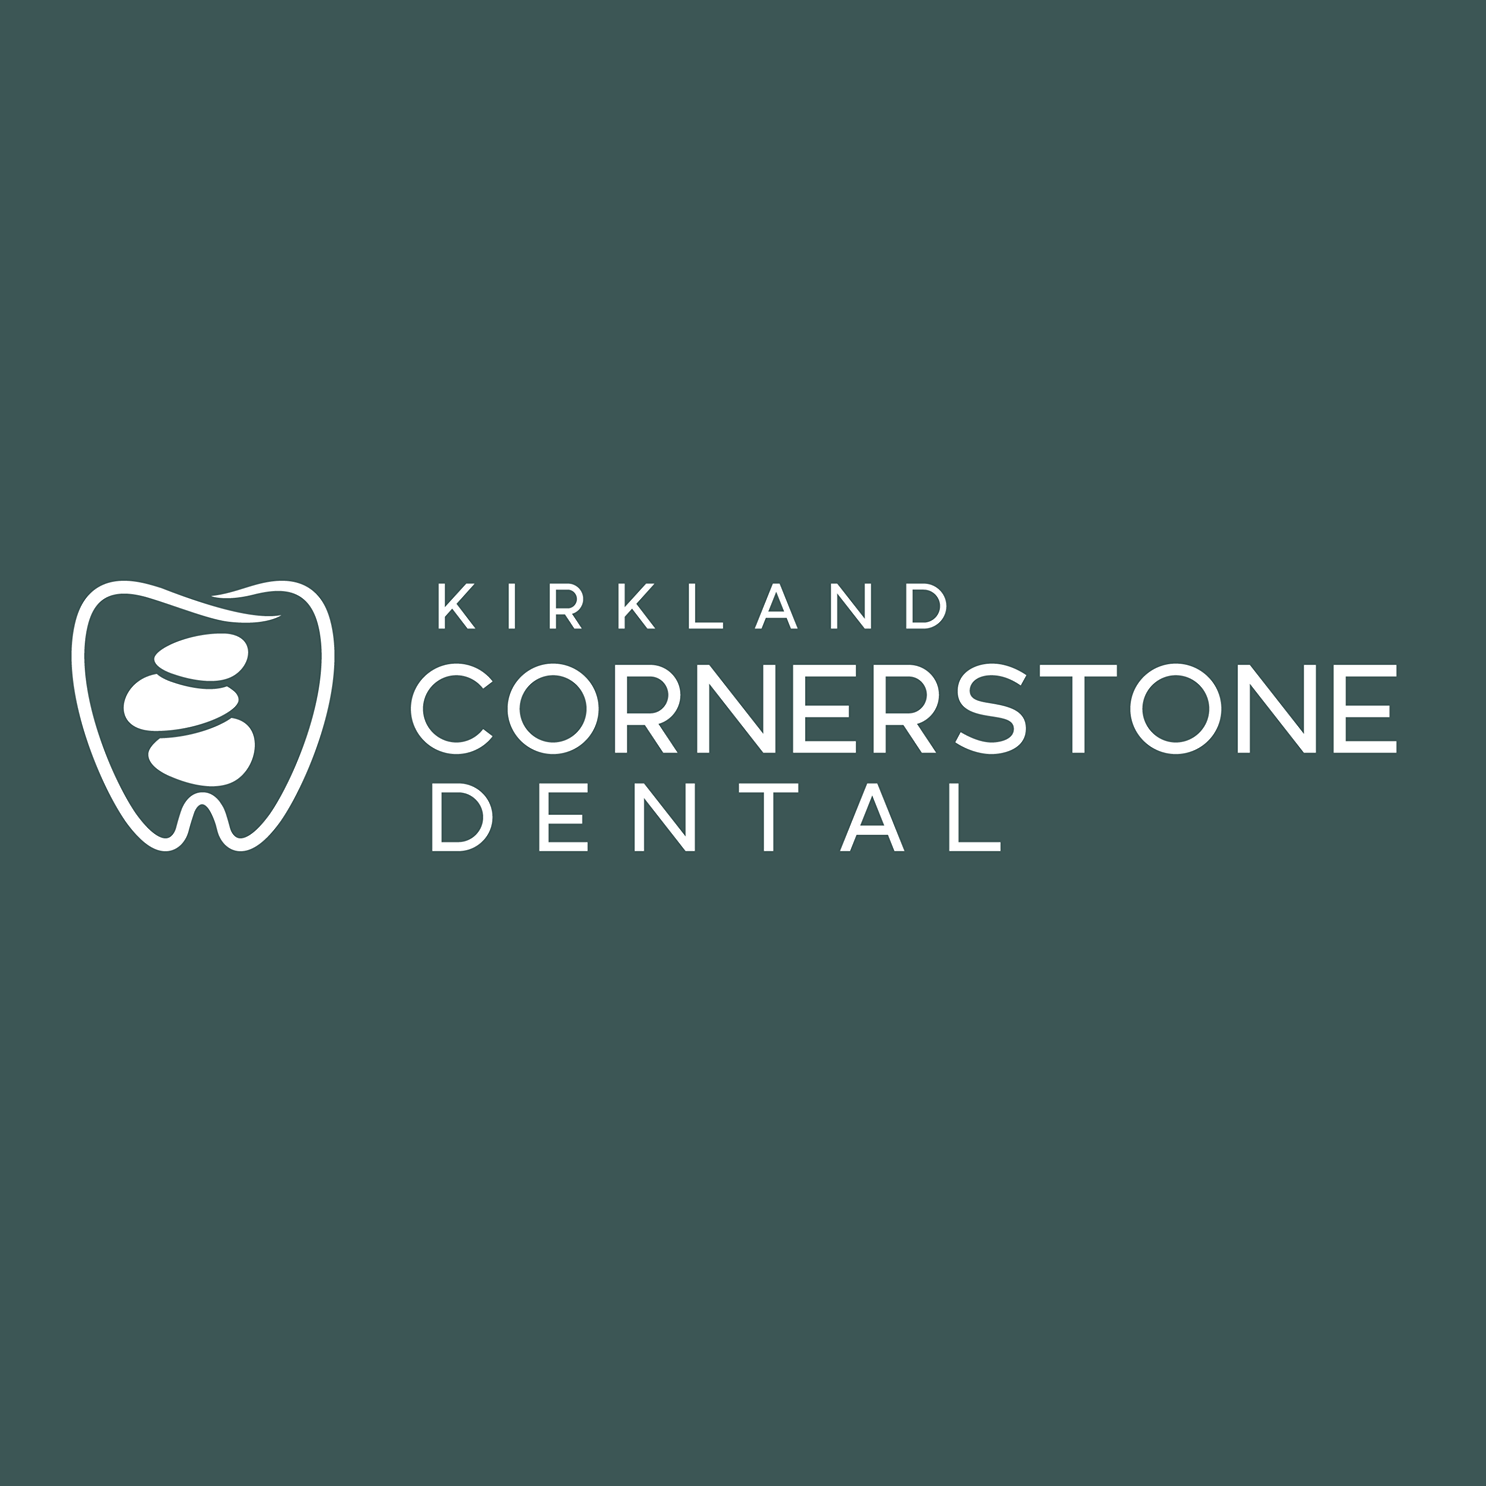 Kirkland Cornerstone Dental